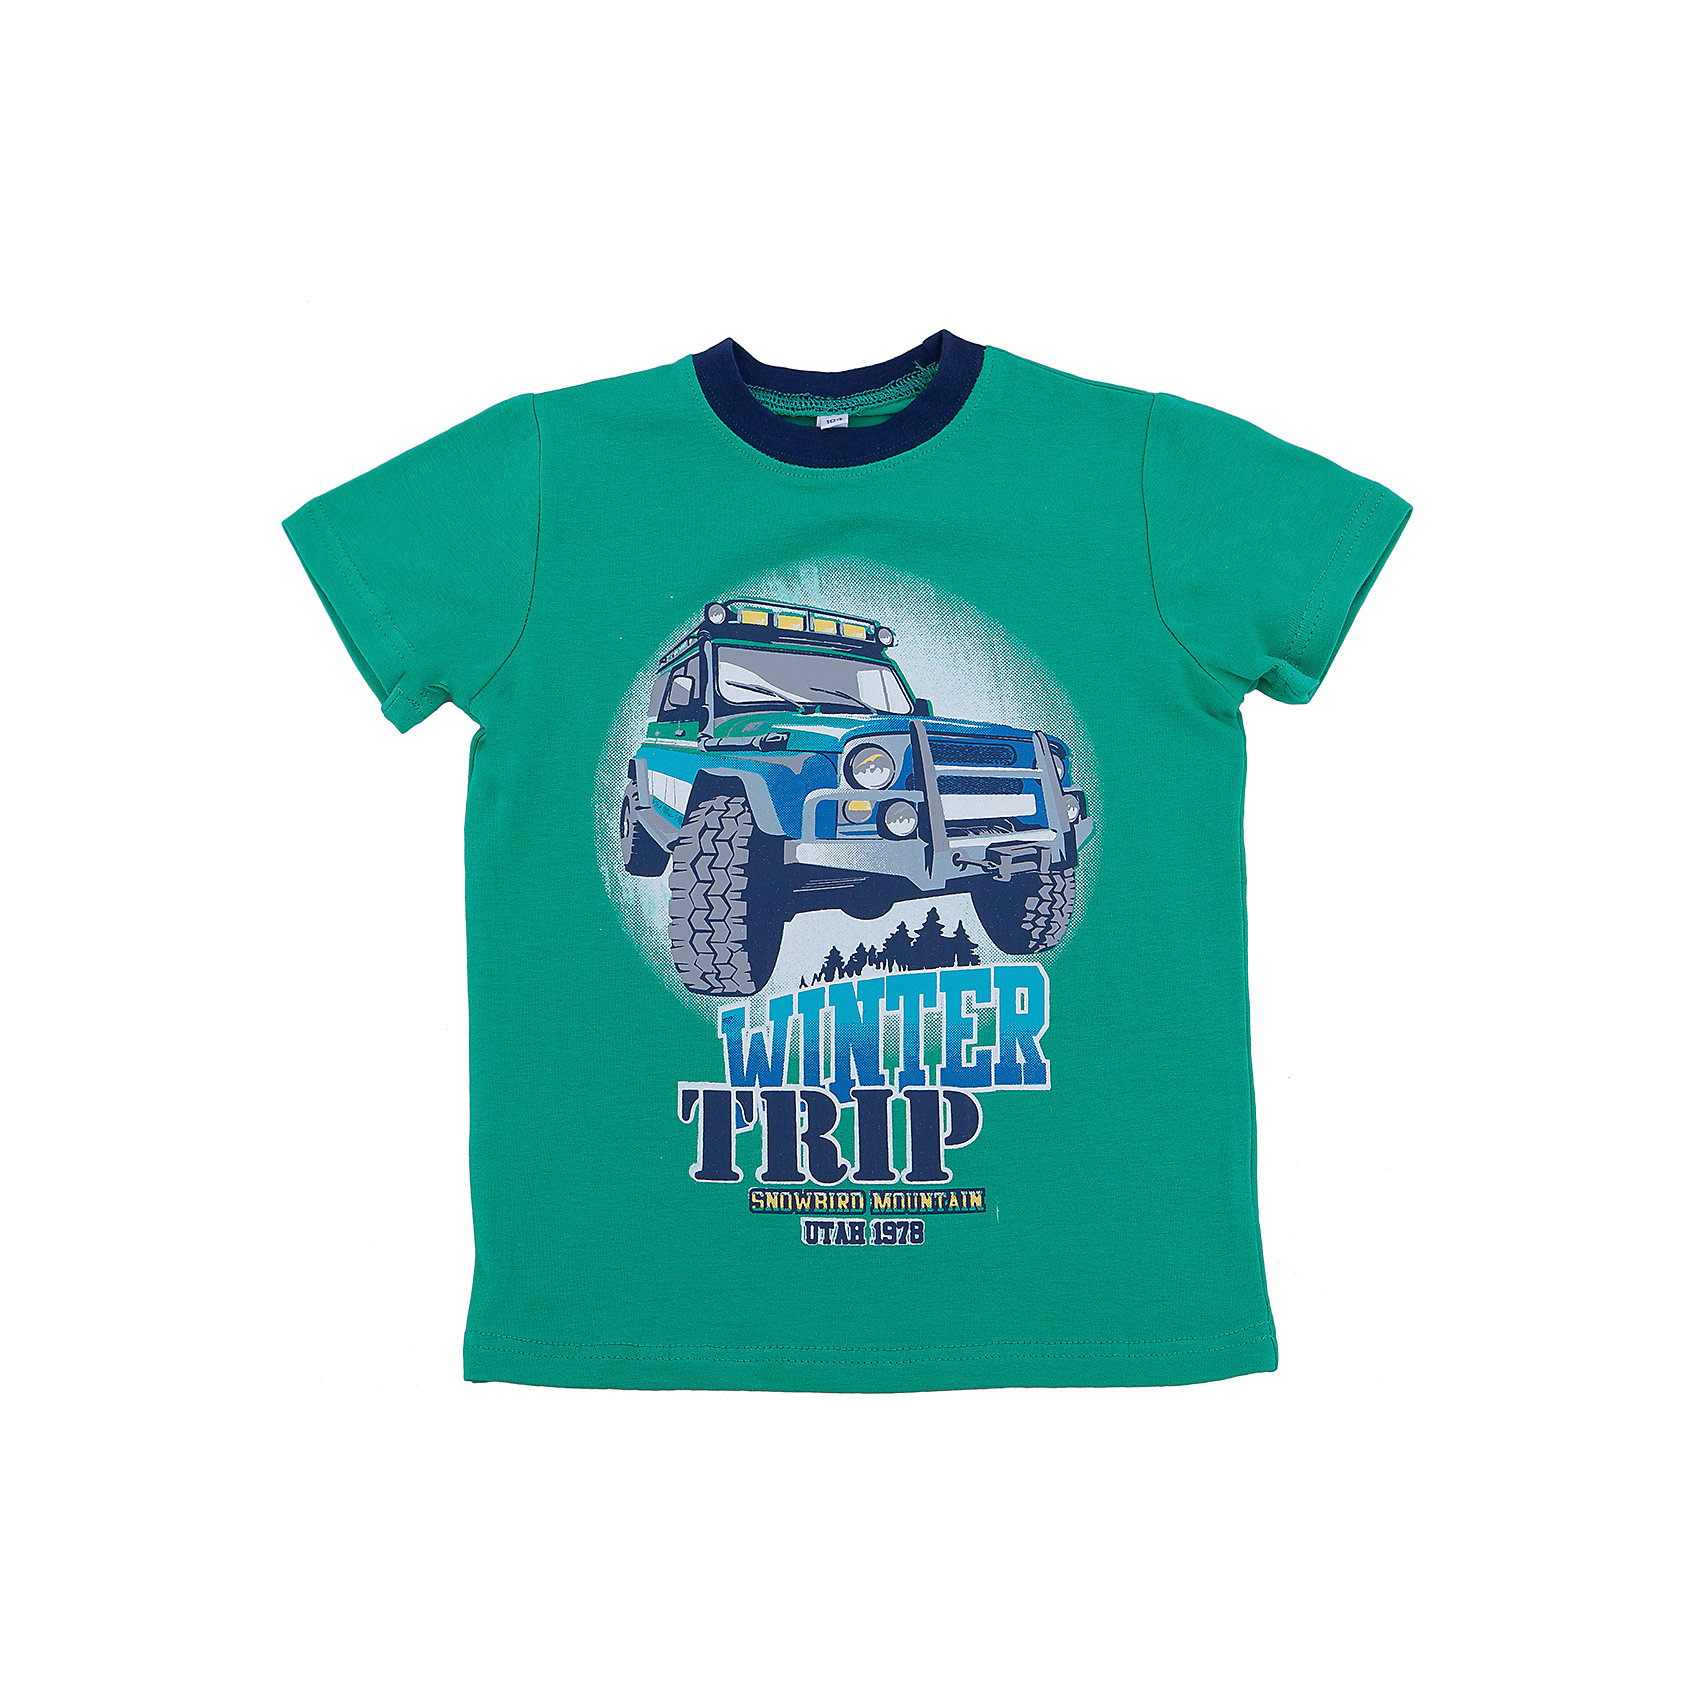 PlayToday Футболка с длинным рукавом для мальчика PlayToday футболка с длинным рукавом для мальчика barkito море 1 синяя